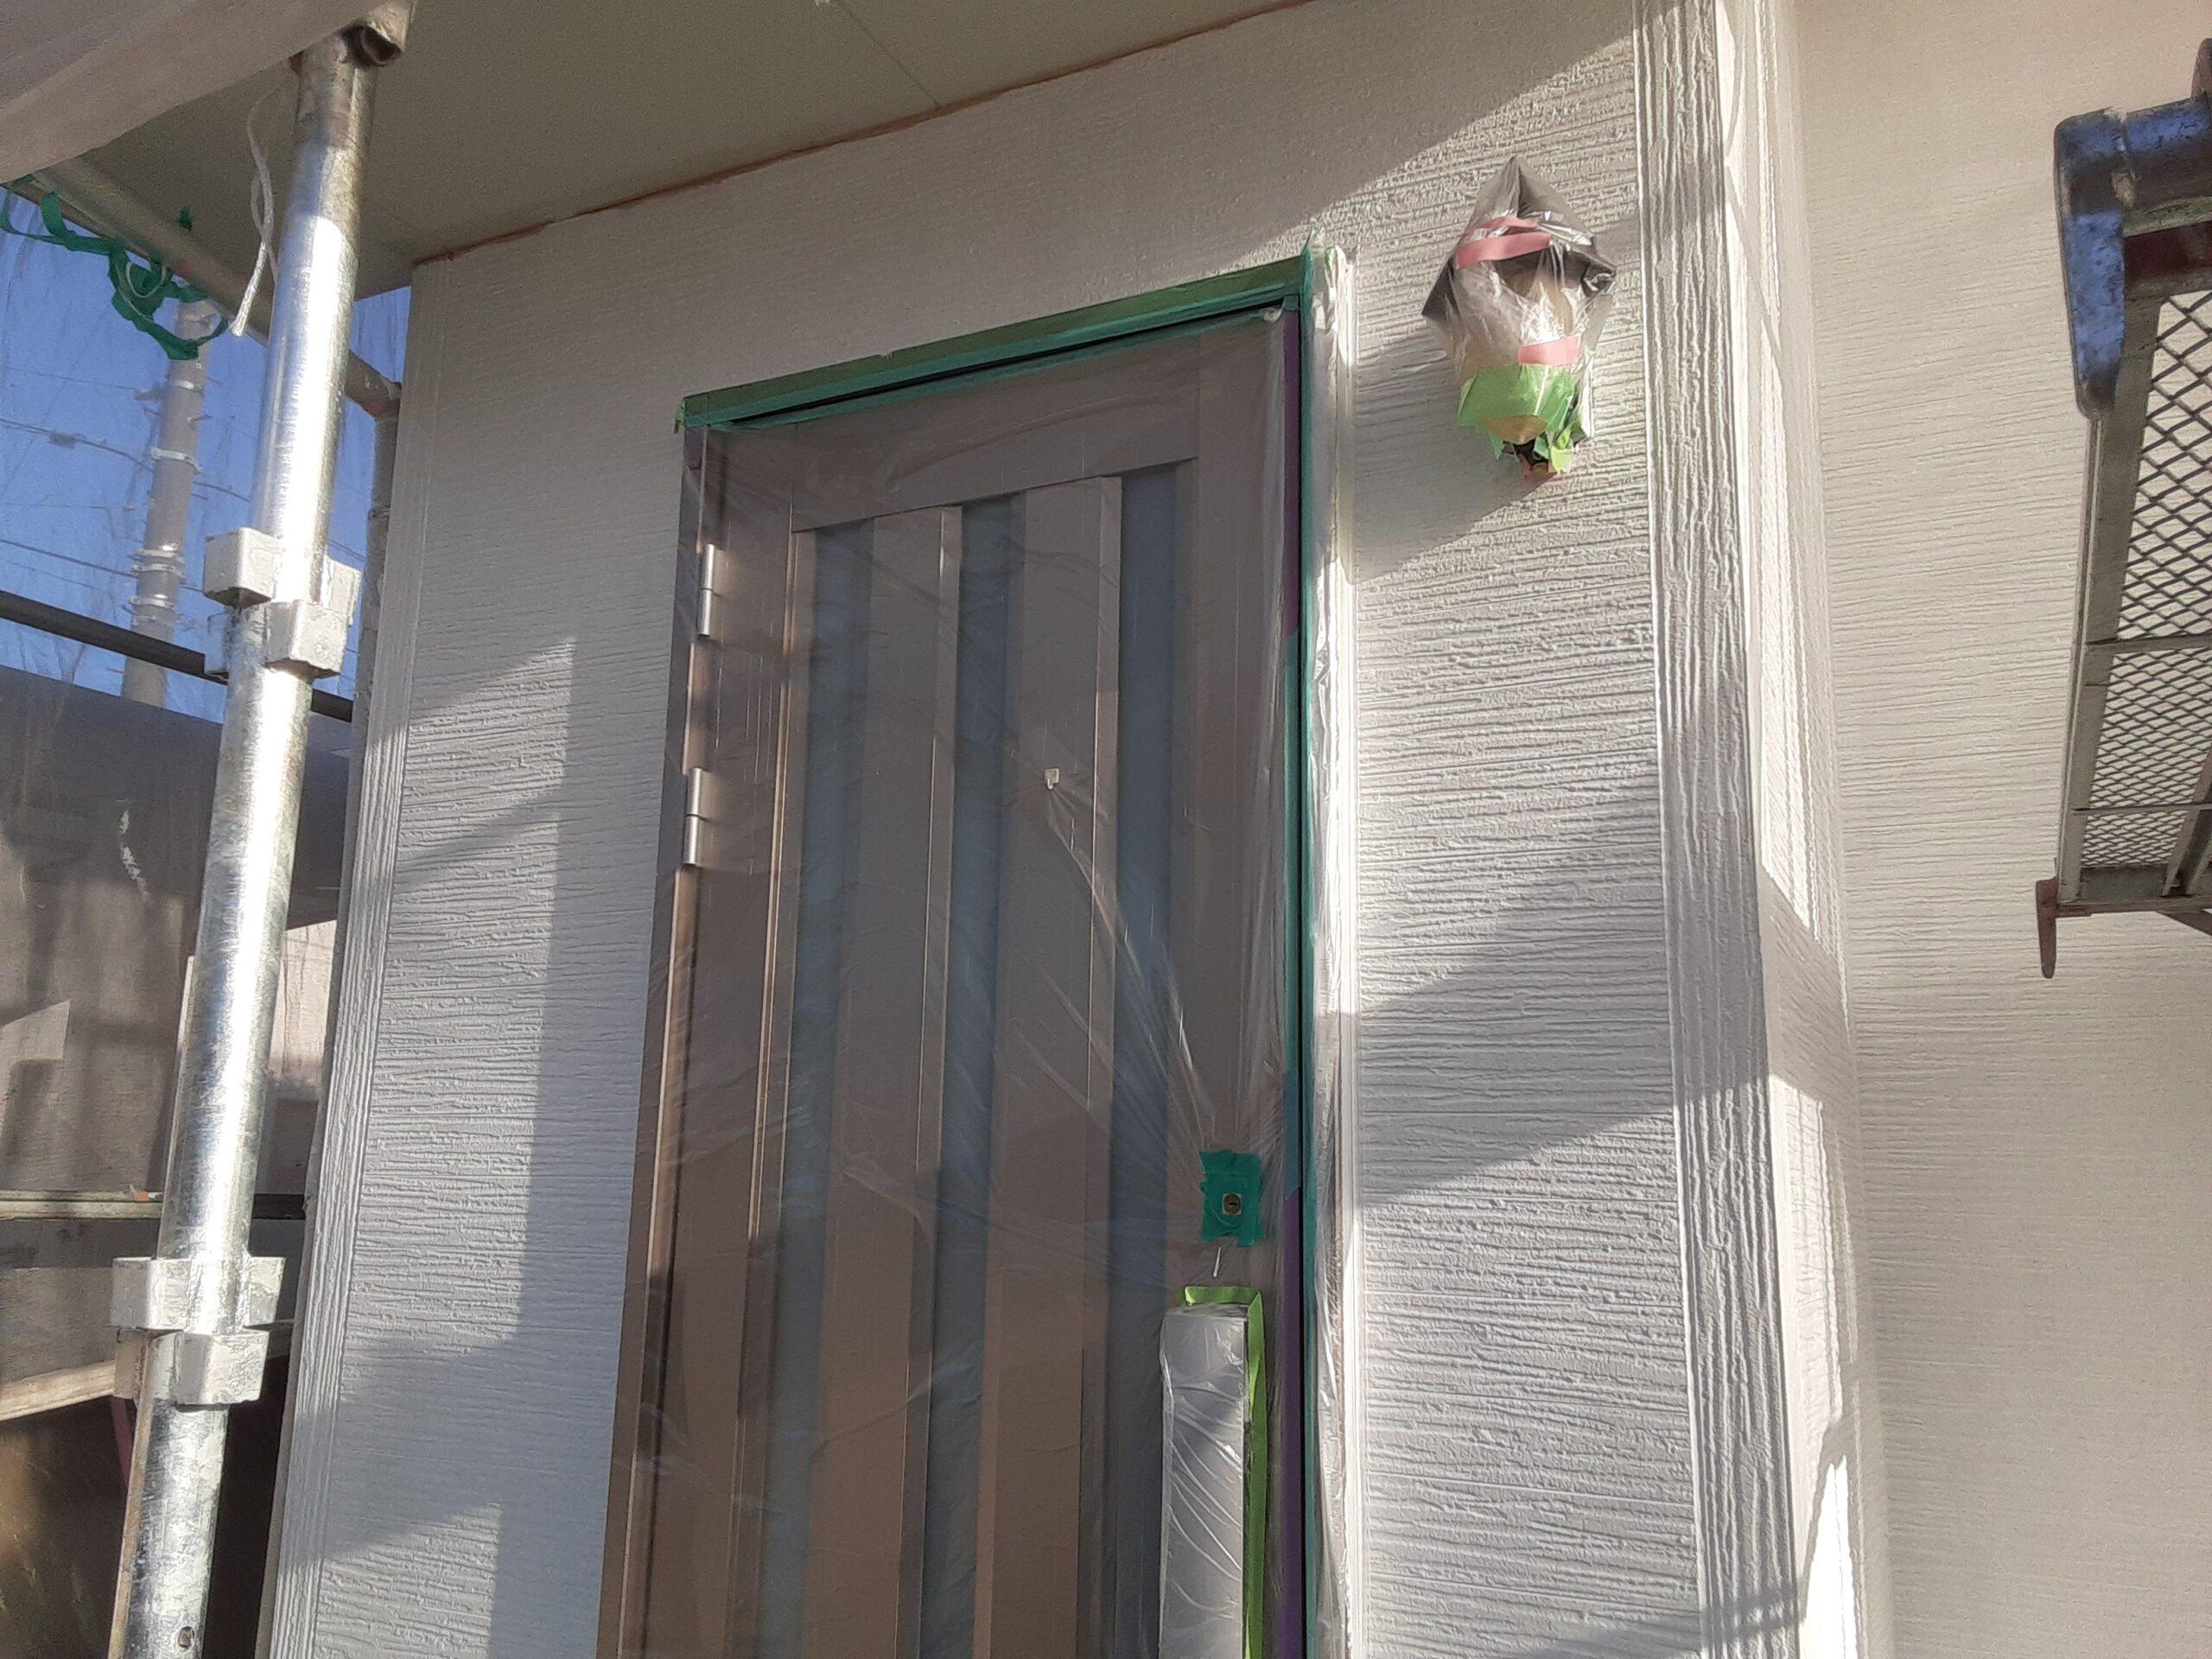 埼玉県さいたま市岩槻区のK様邸(木造2階建て)にて外壁の中塗り・仕上げ塗装